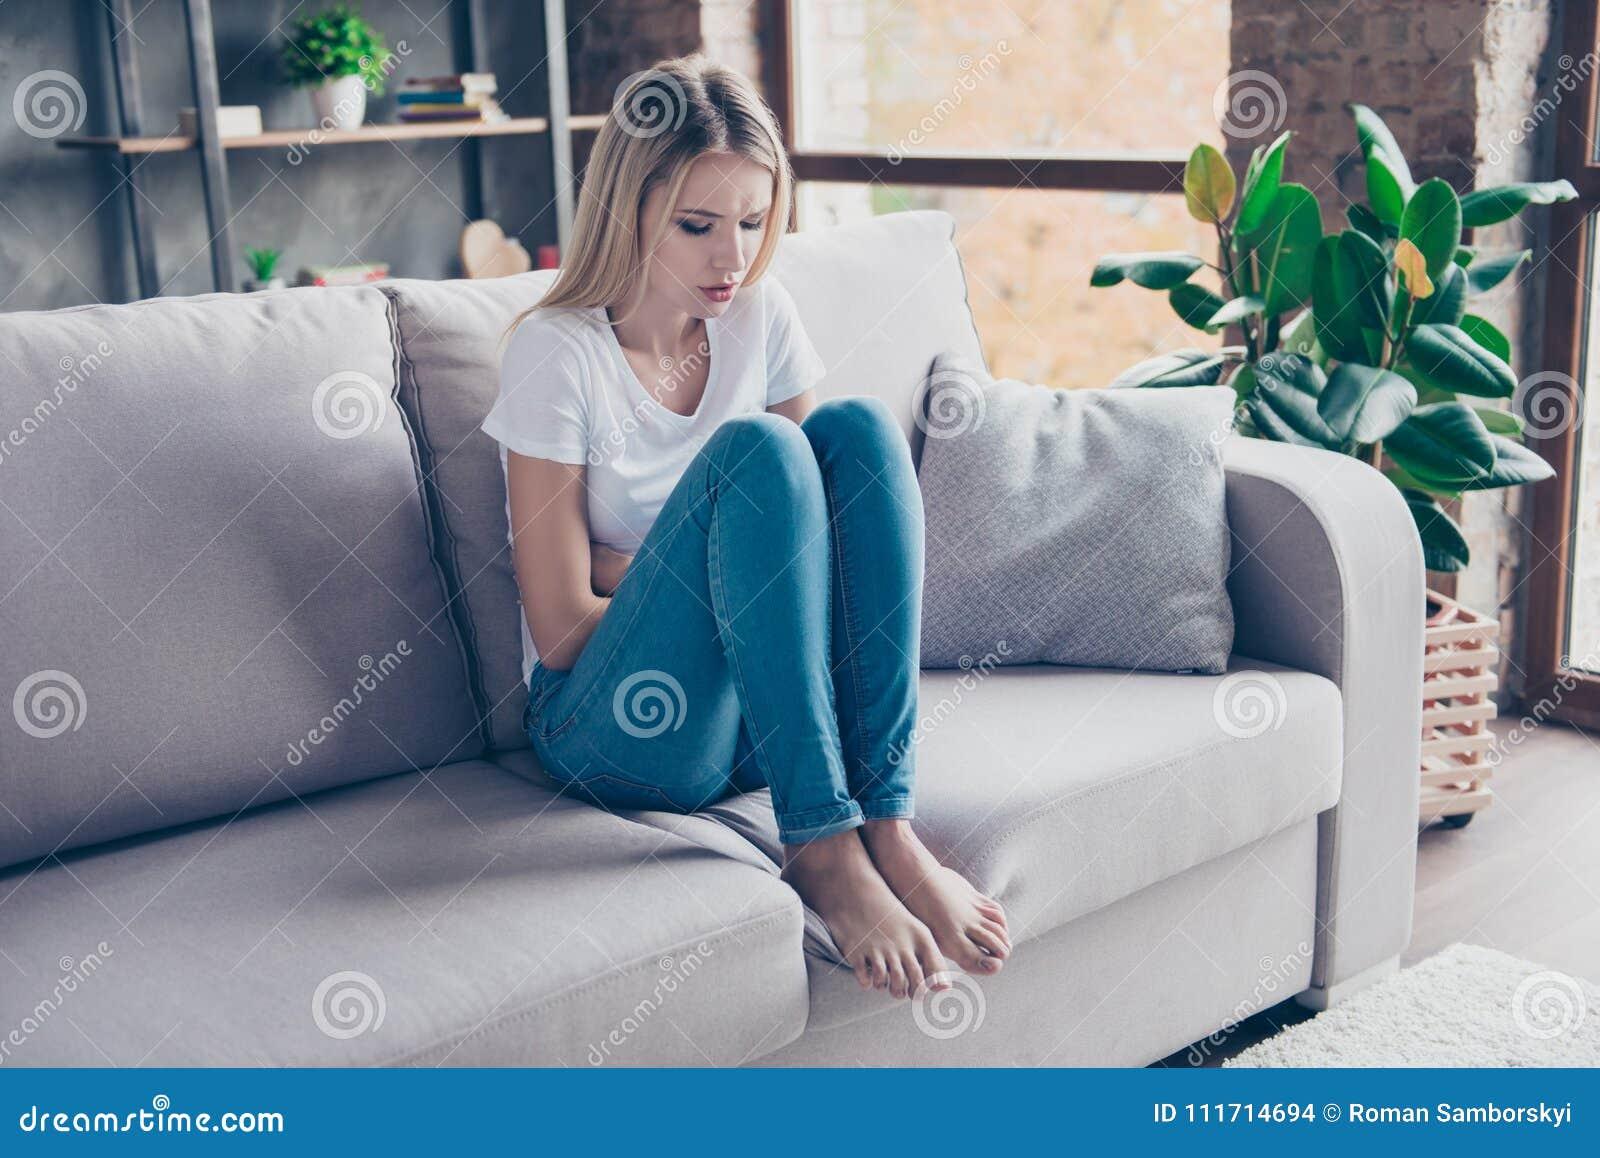 Den upprivna kvinnan har första tecken av pms Hon sitter på en soffa